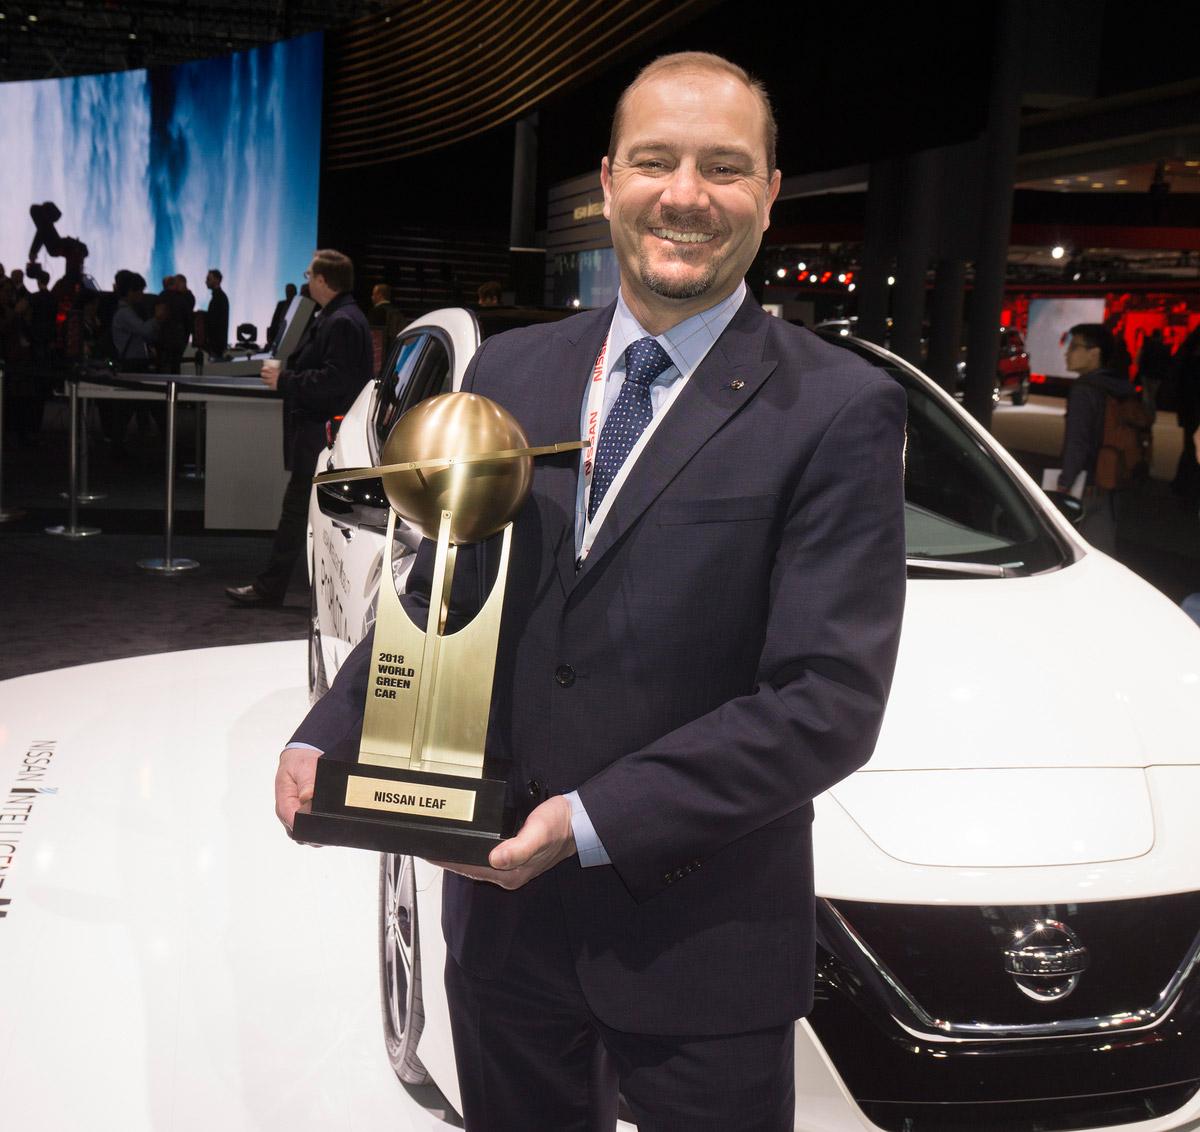 Nissan Leaf 2018 World Green Car Award